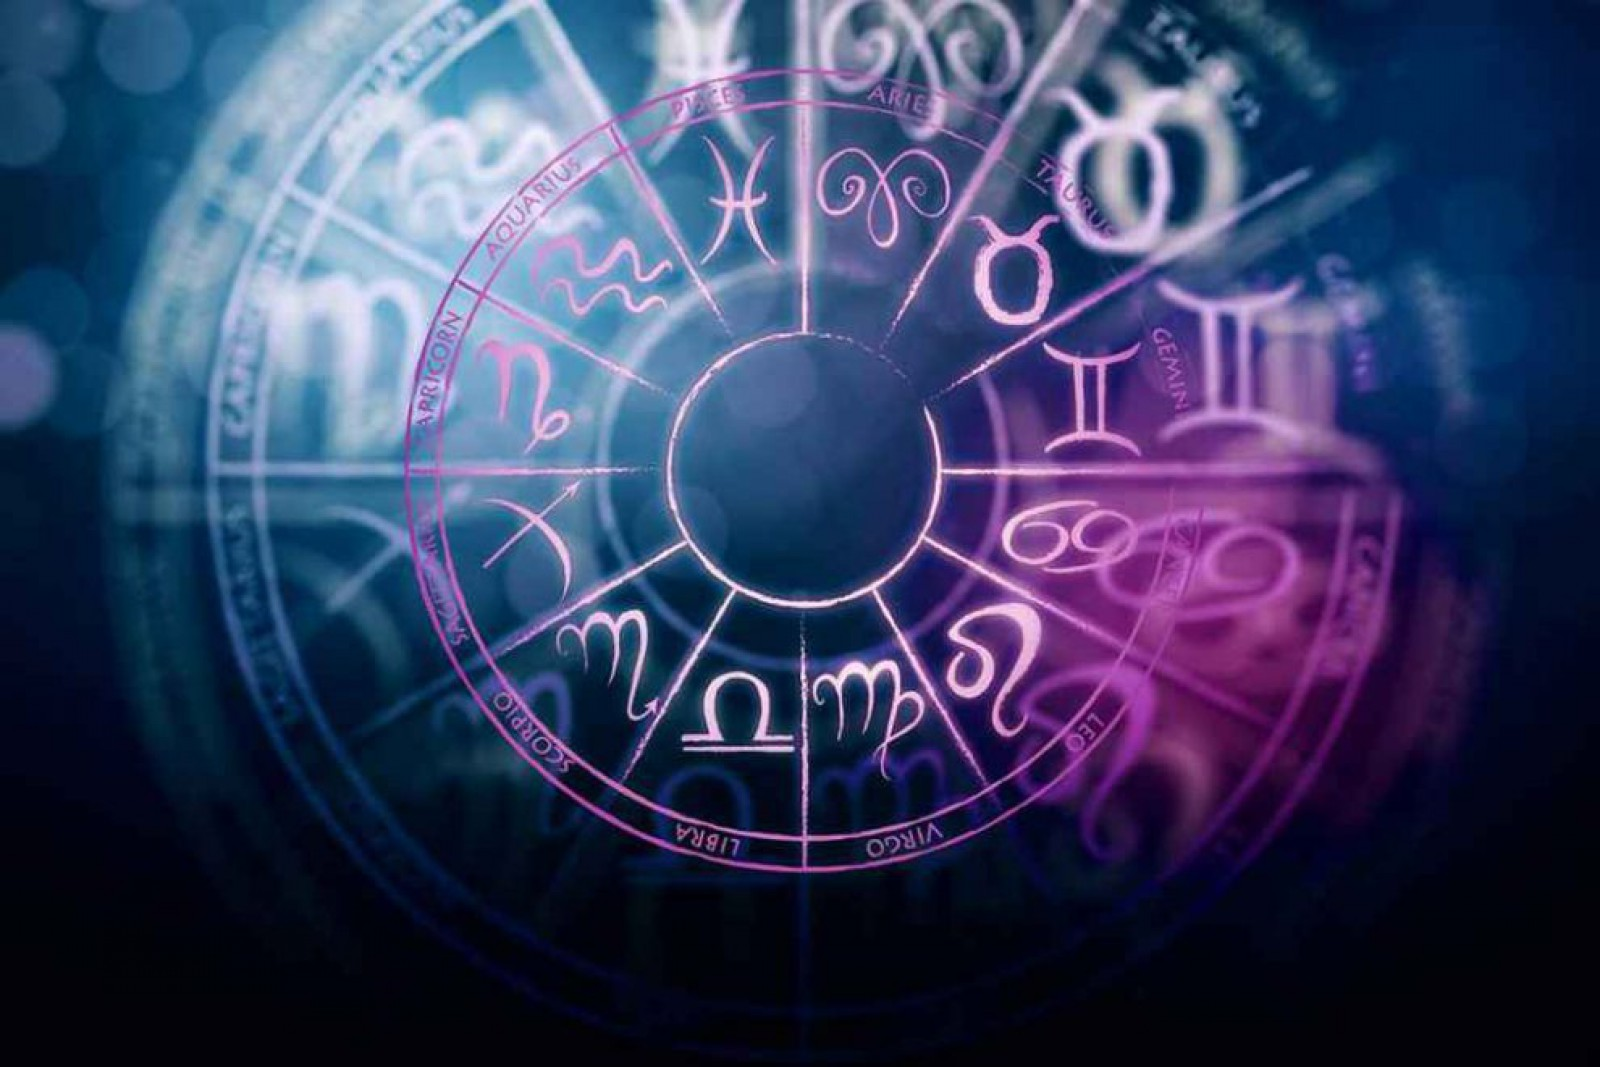 Horoscop: Săgetătorii sunt sfătuiți să nu intre în nici un conflict, deoarece e o zi foarte complicată